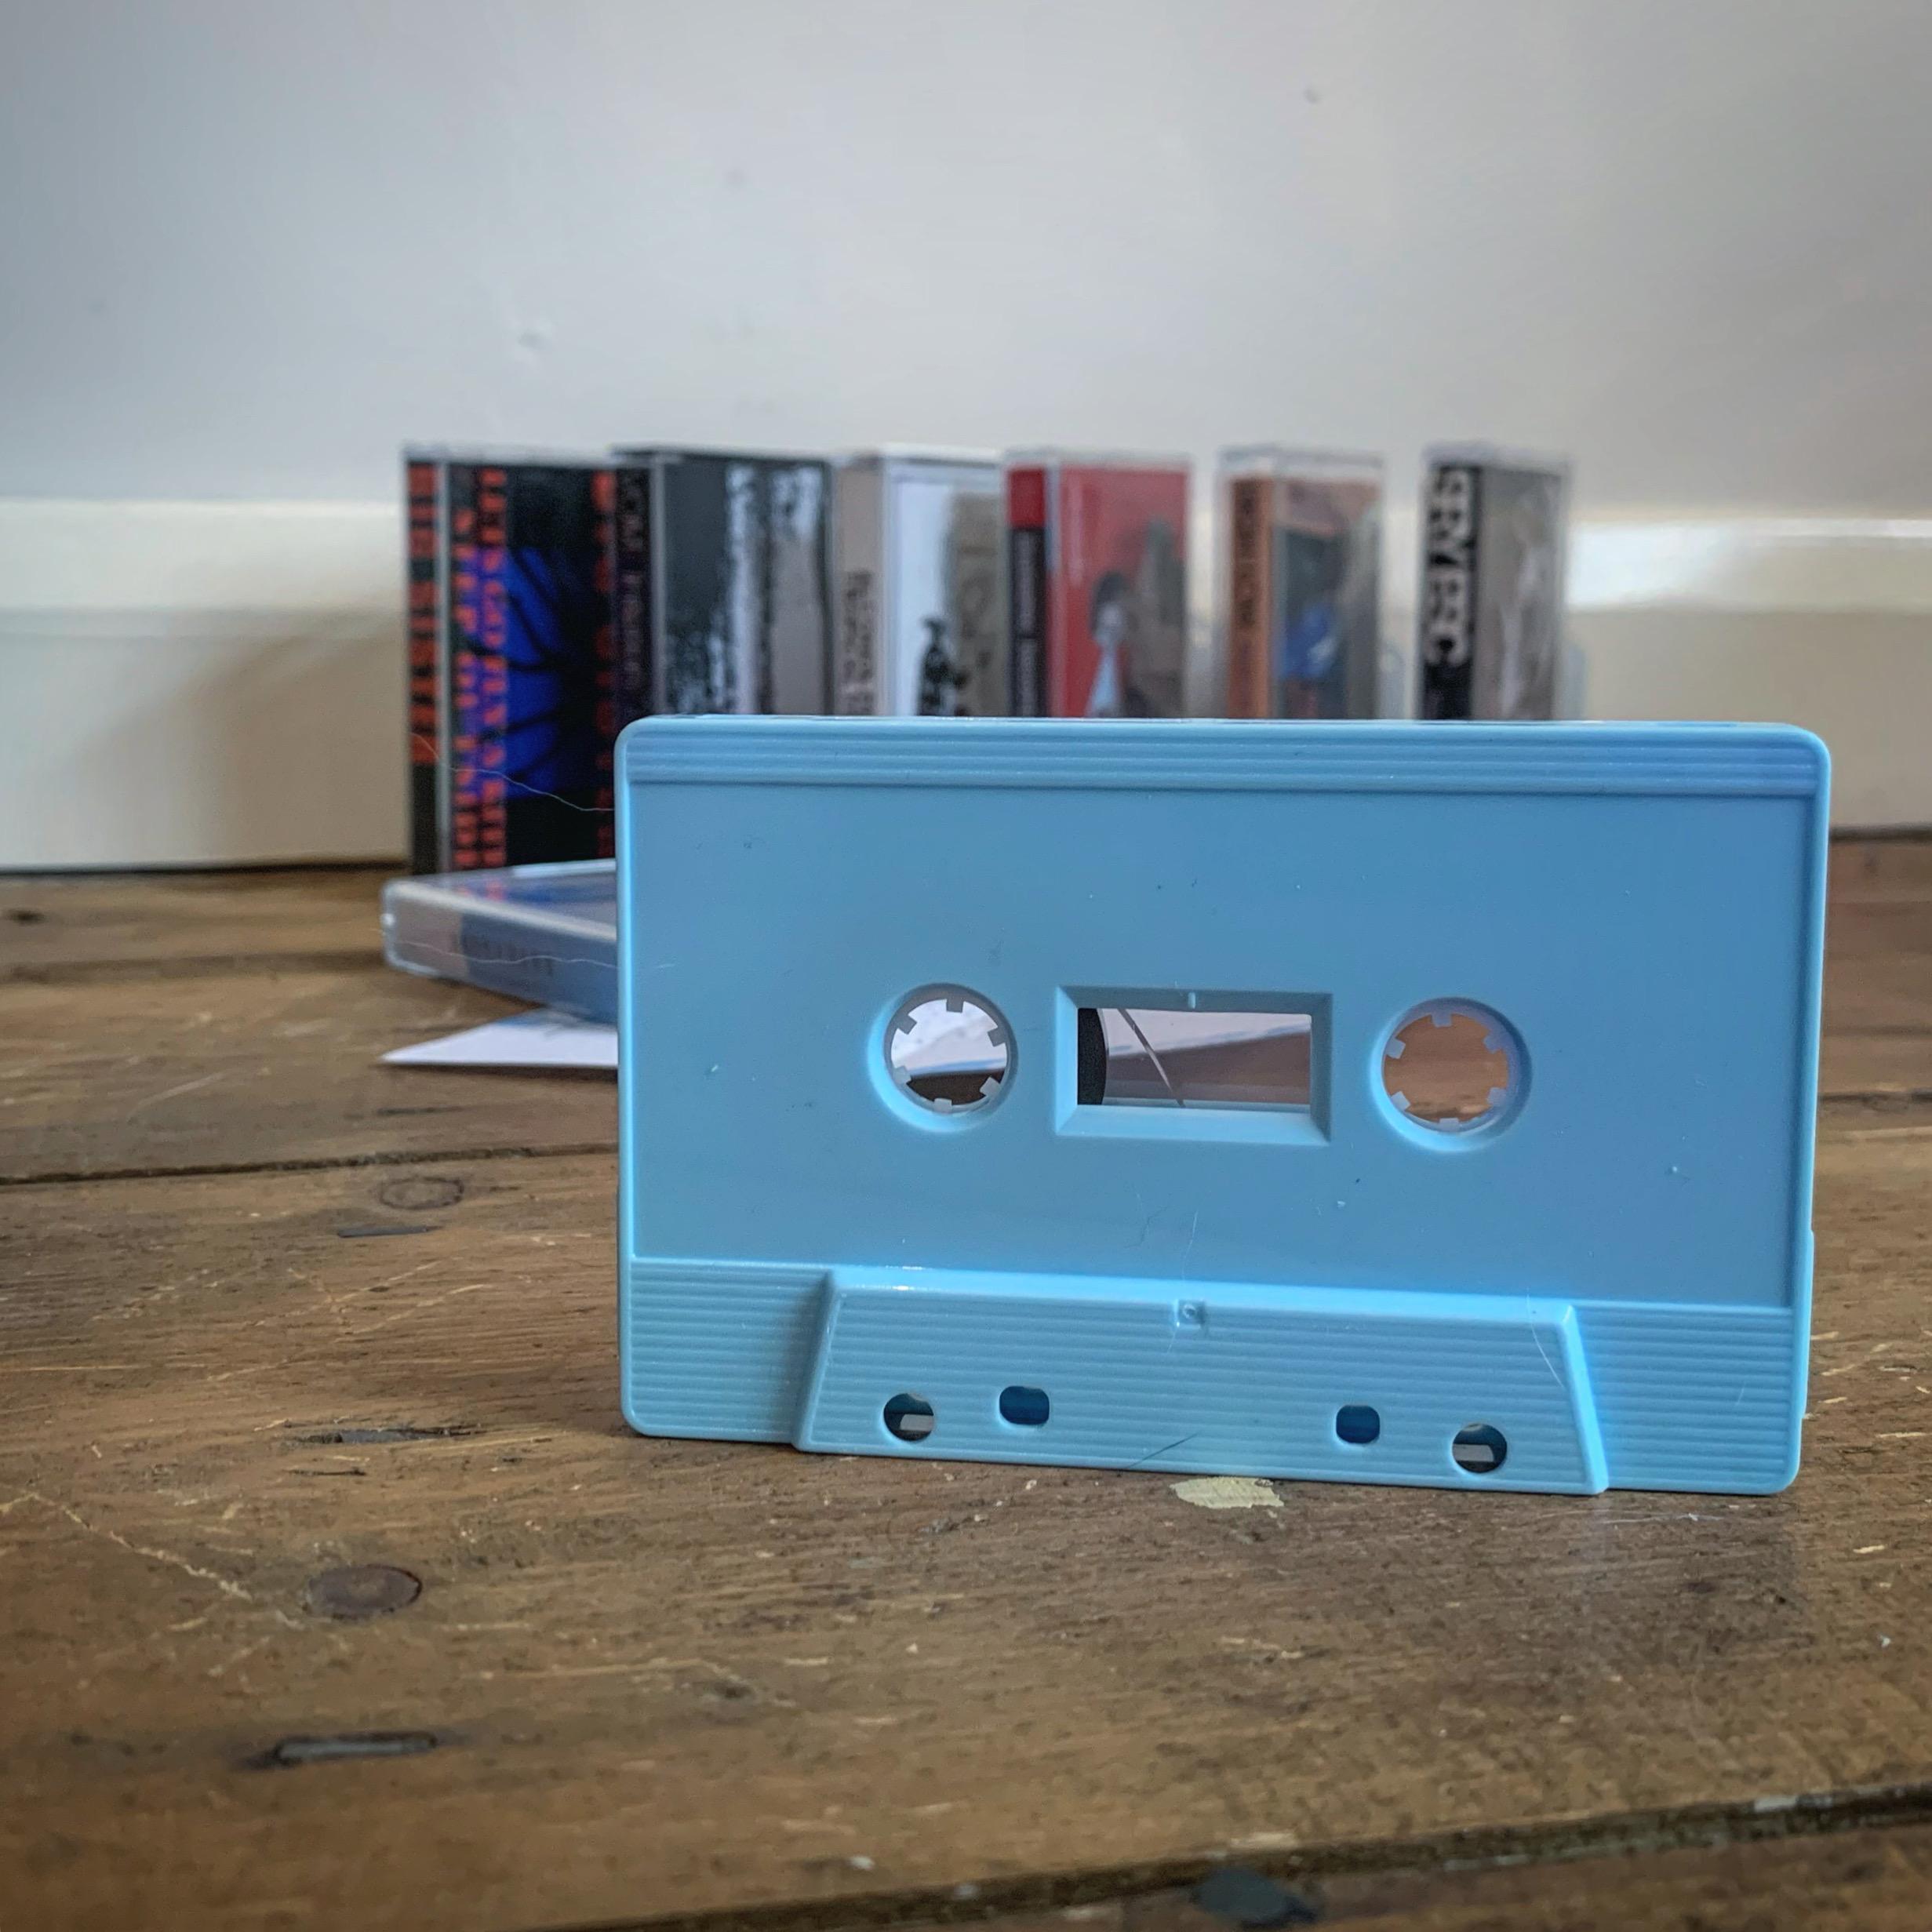 Oxide & Plastic – Cassette Culture